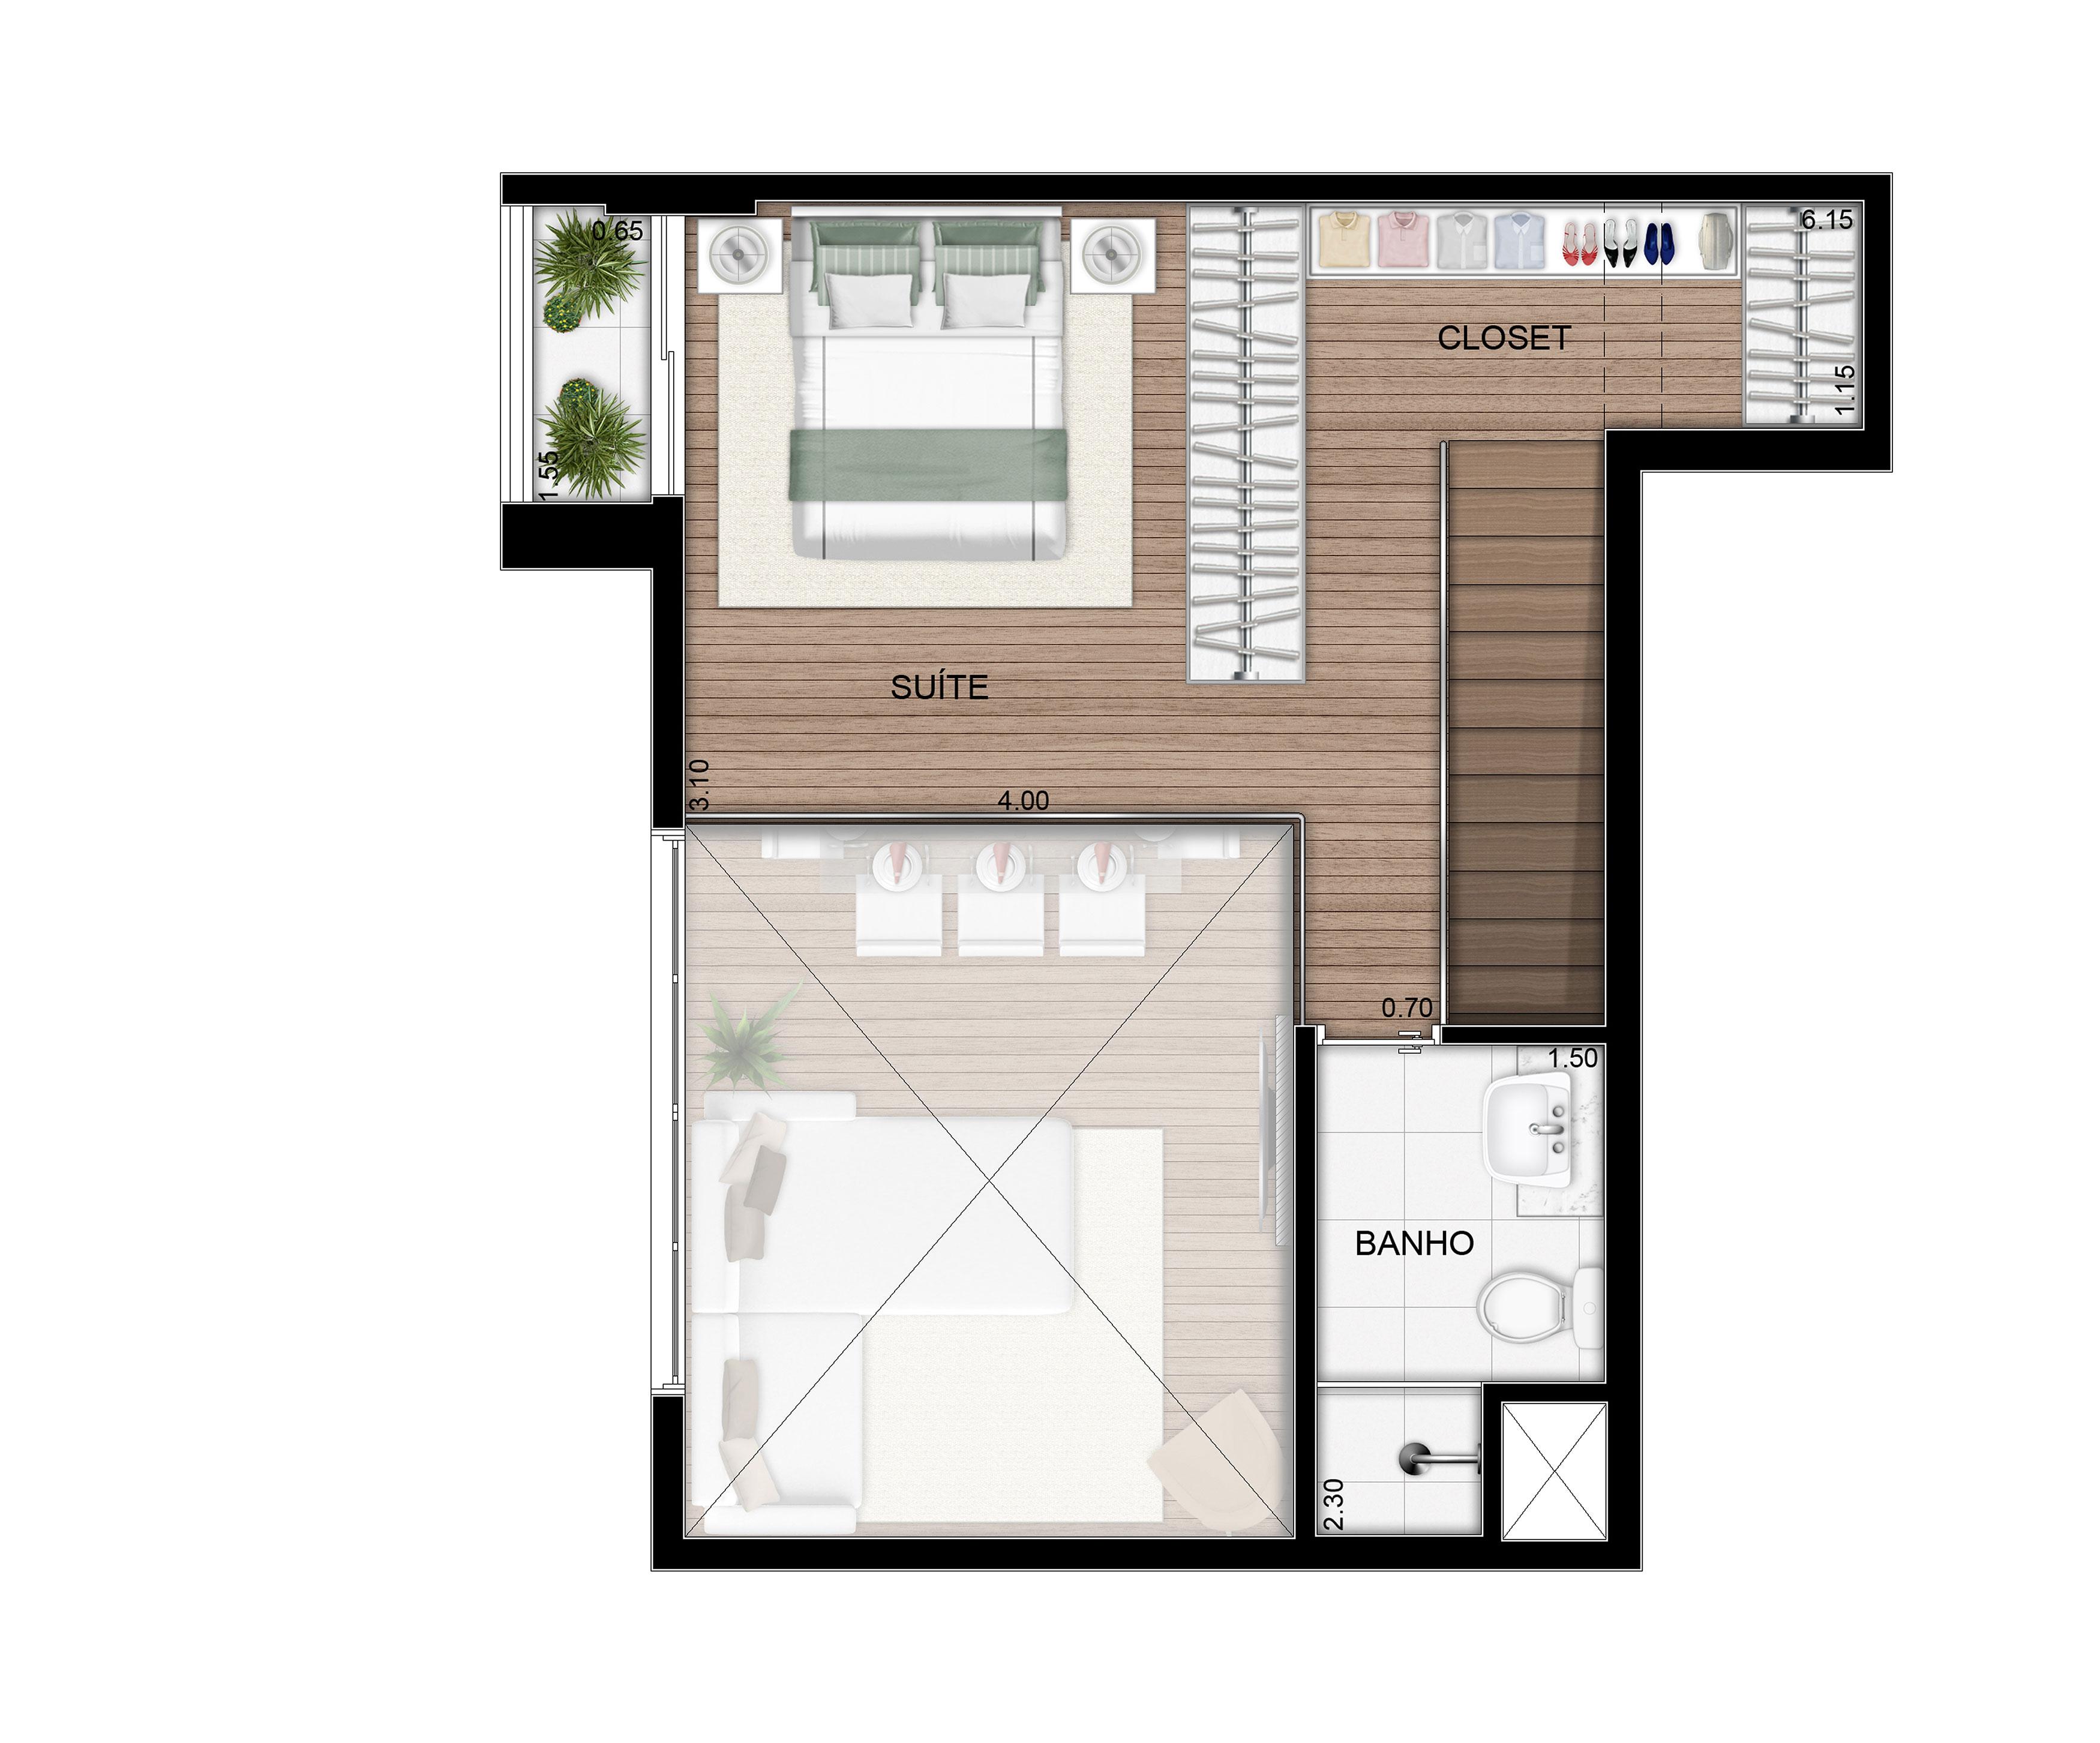 79,24 m² - Duplex superior